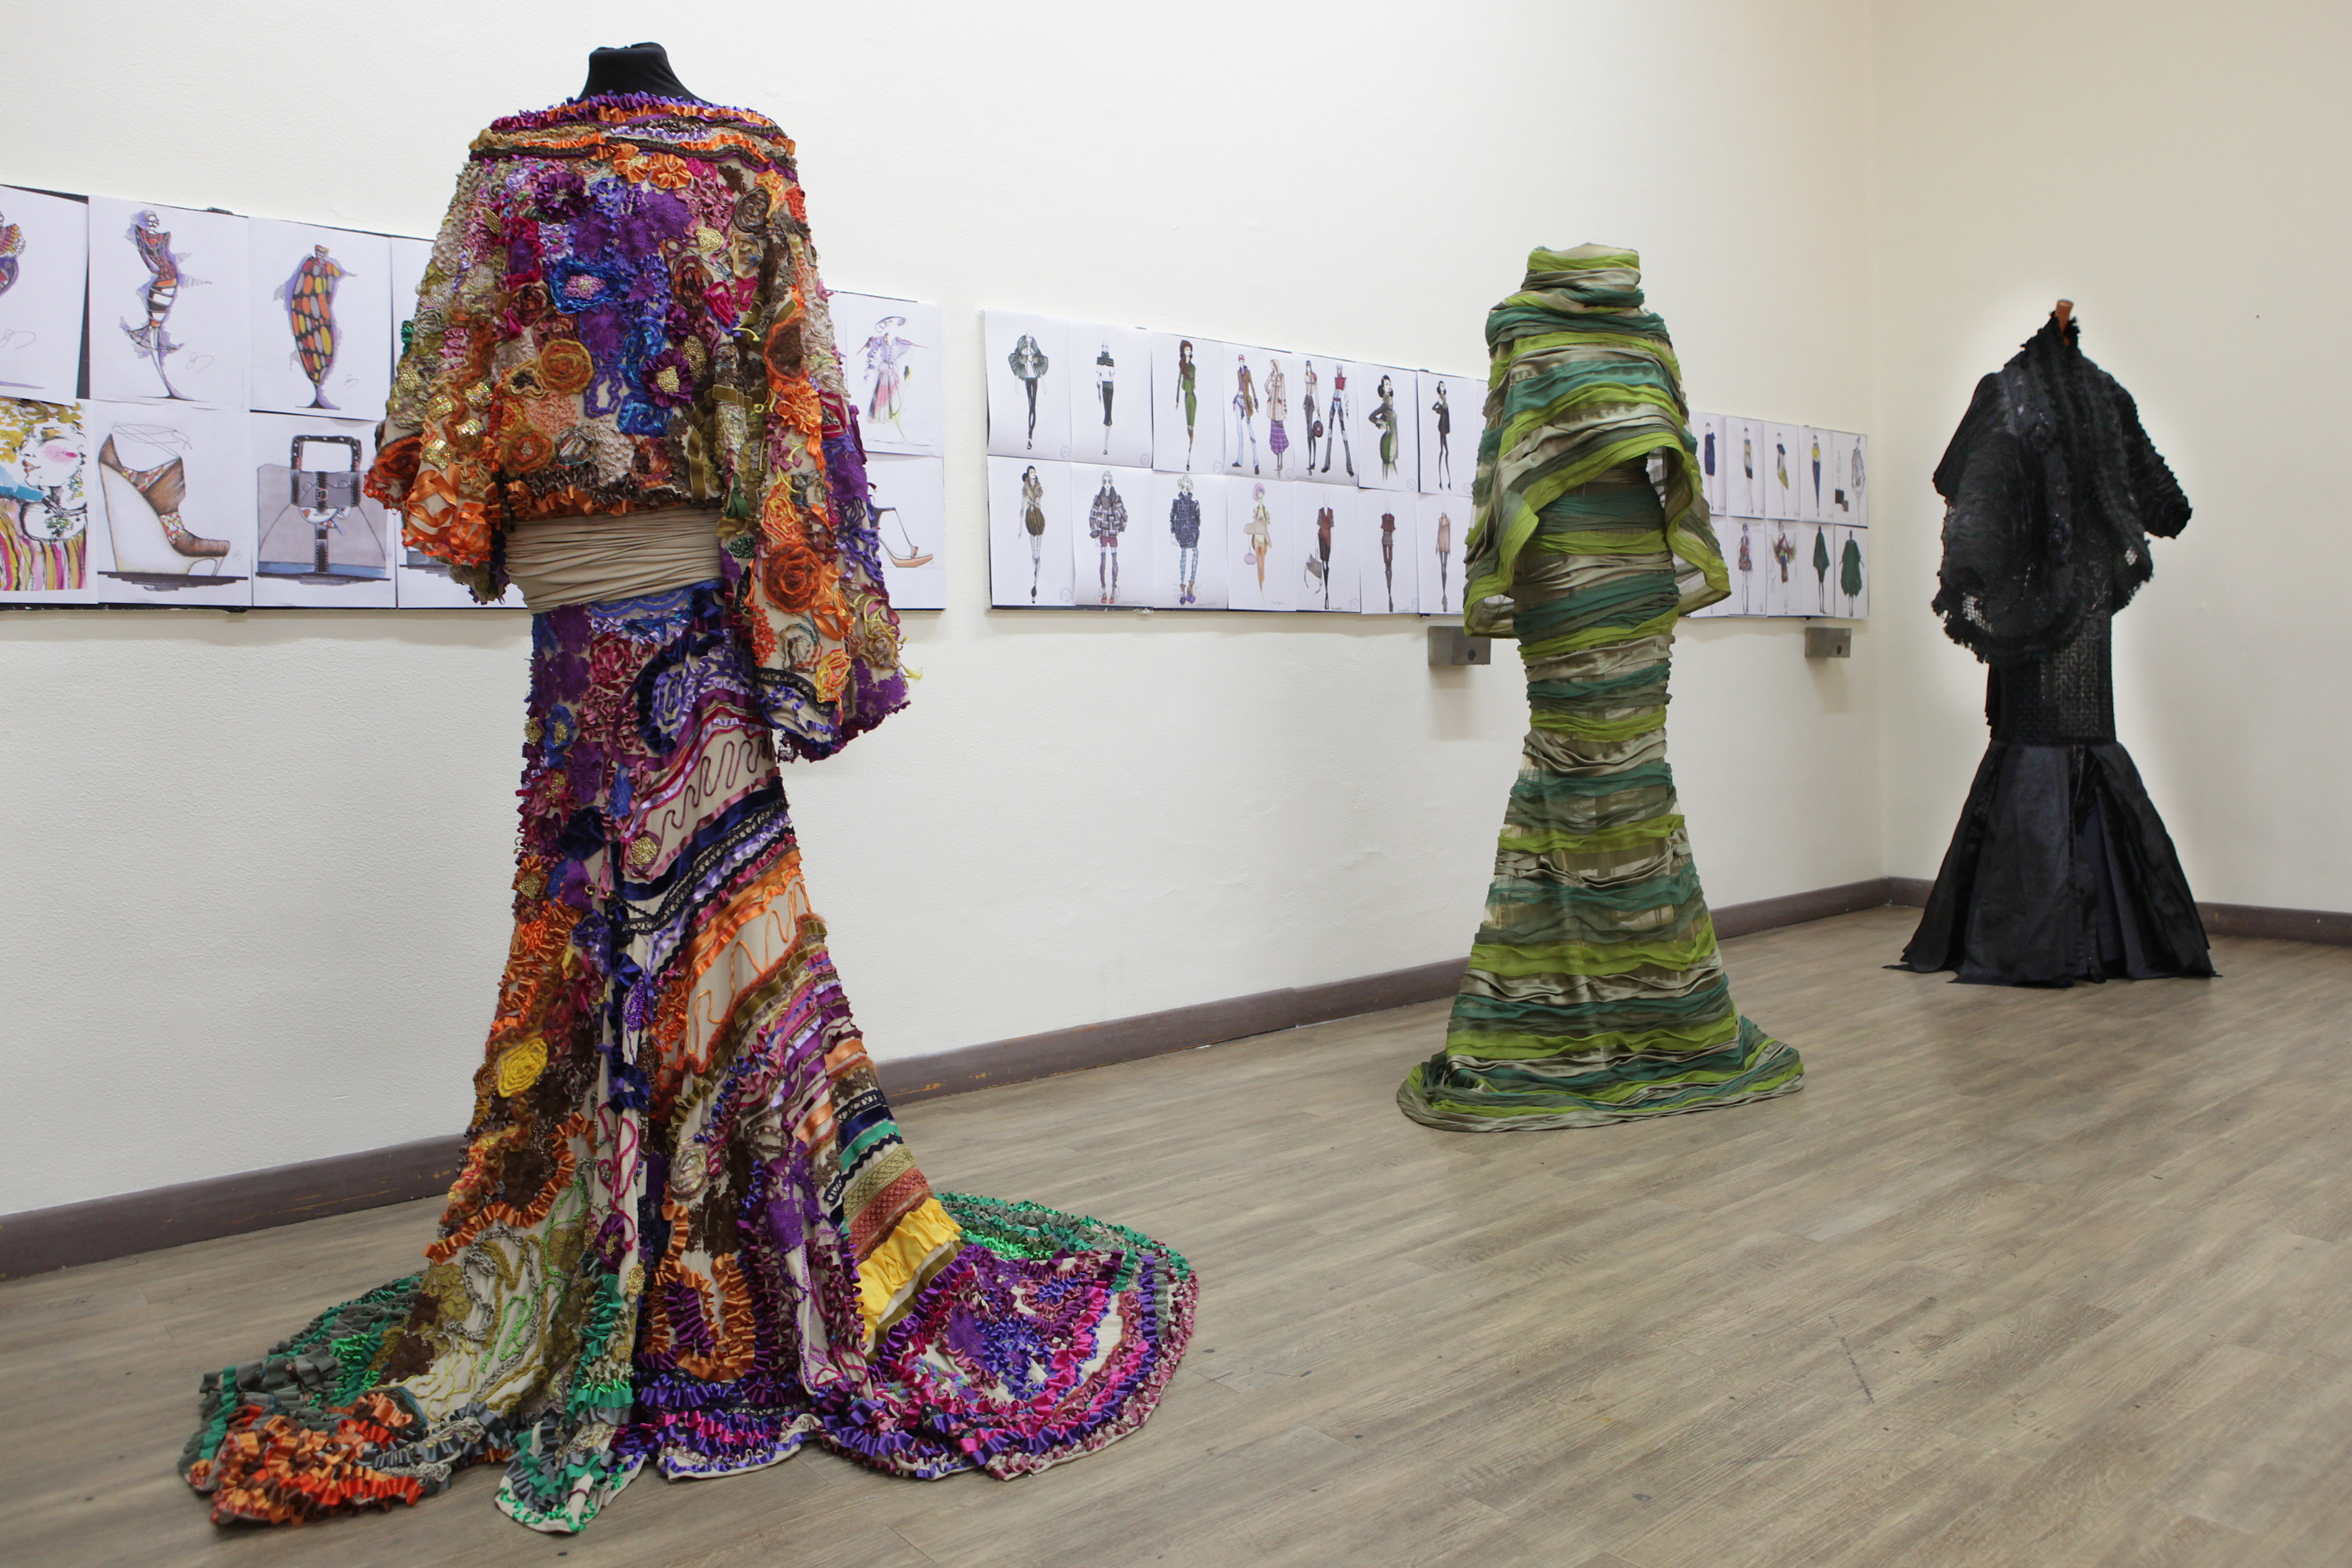 Moda scambio culturale sull 39 asse cosenza toronto for Accademia della moda milano